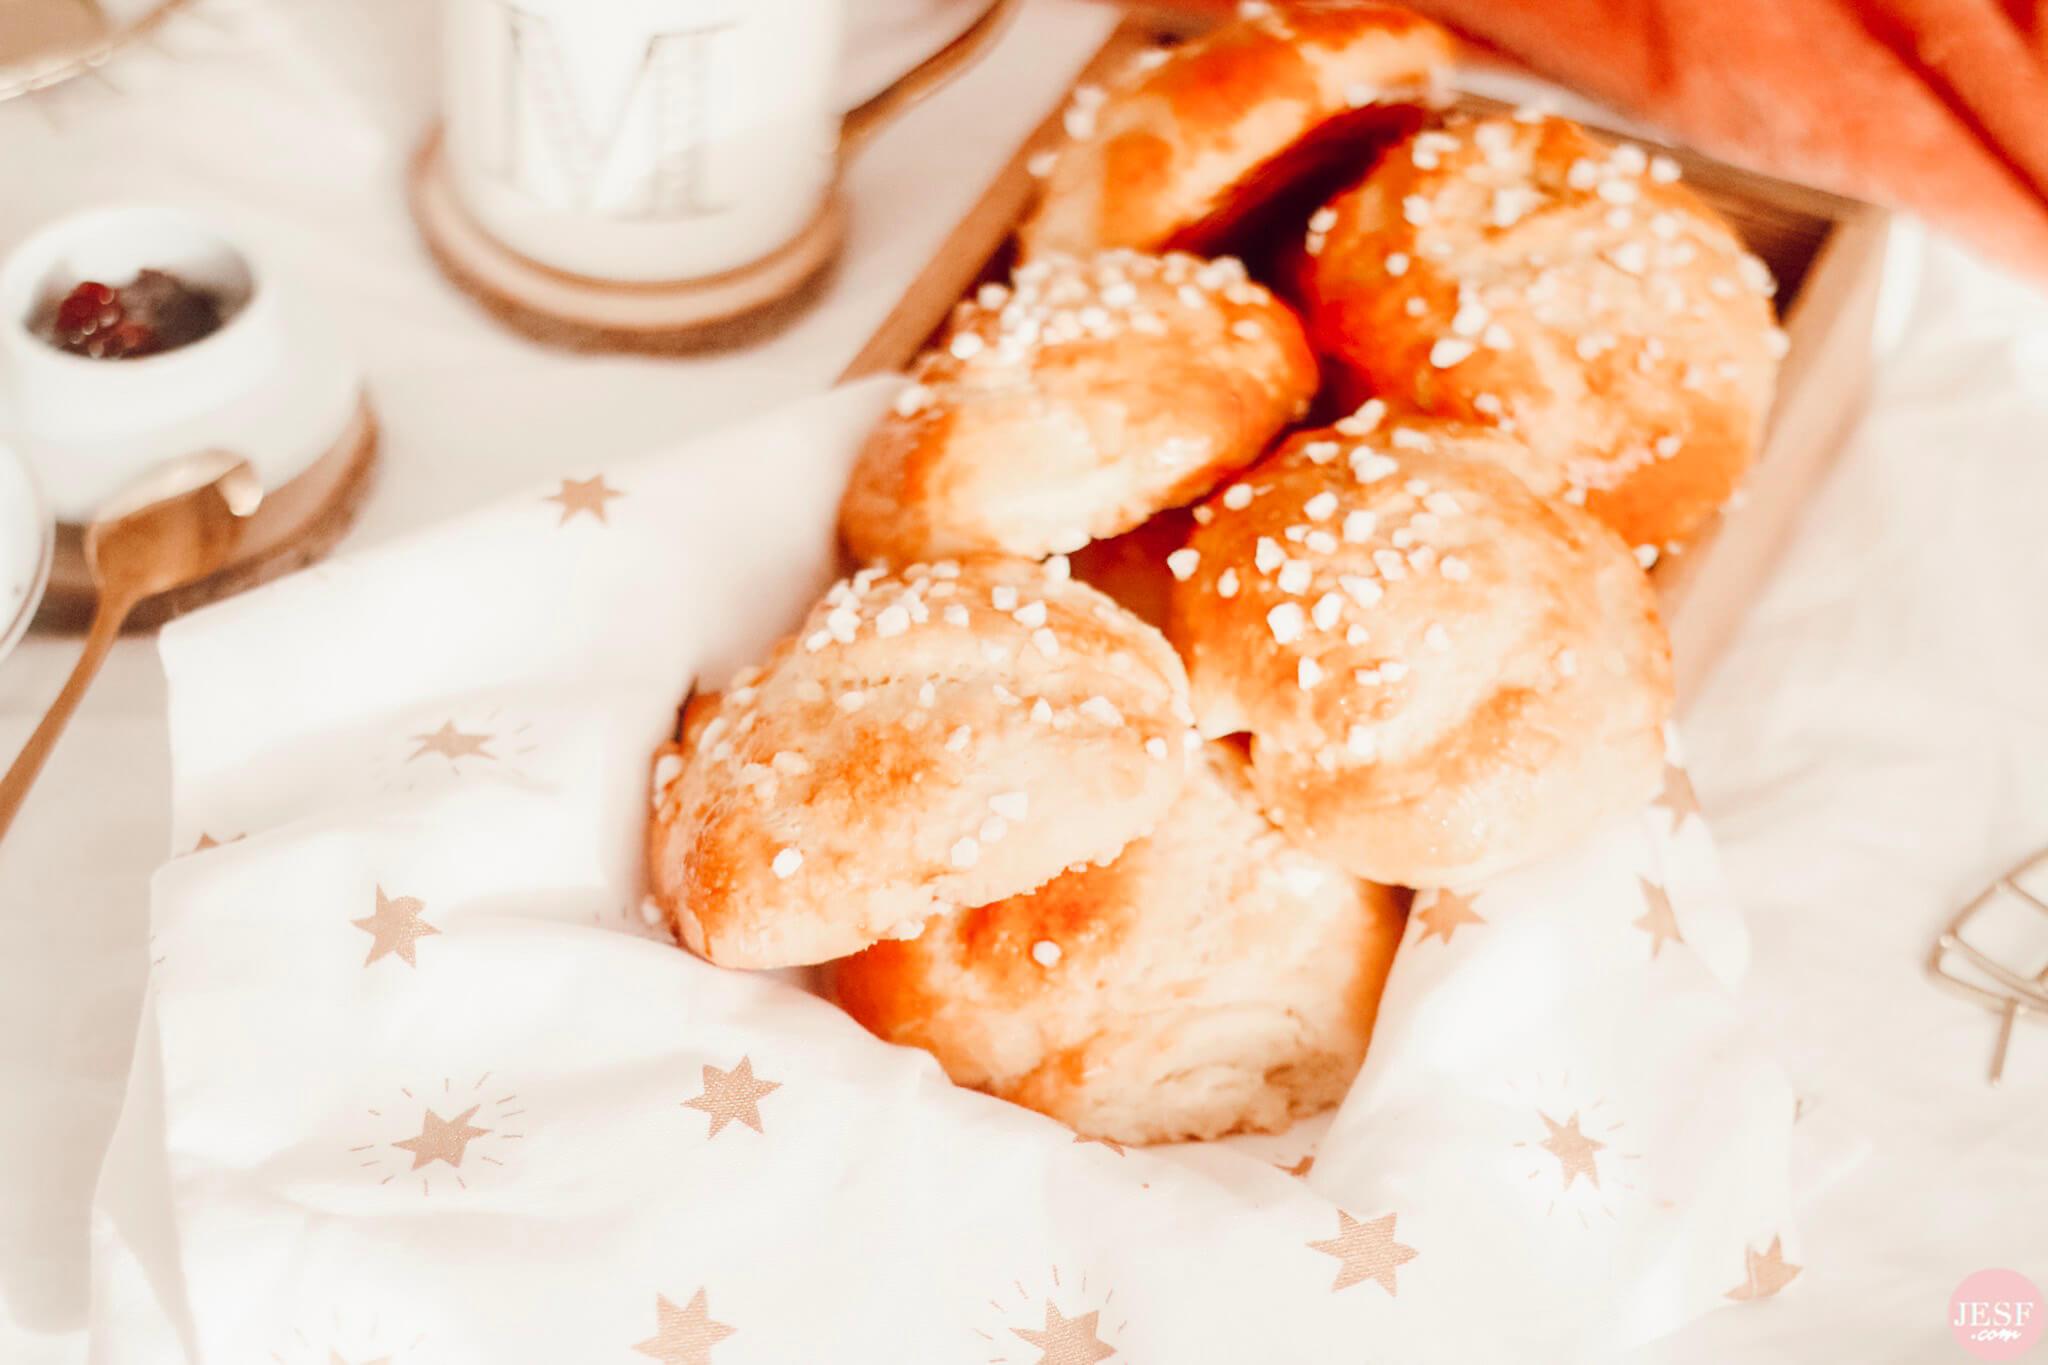 recette-brioche-faite-maison-homemade-sans-robot-inratable-petit-déjeuner-idées-brunch